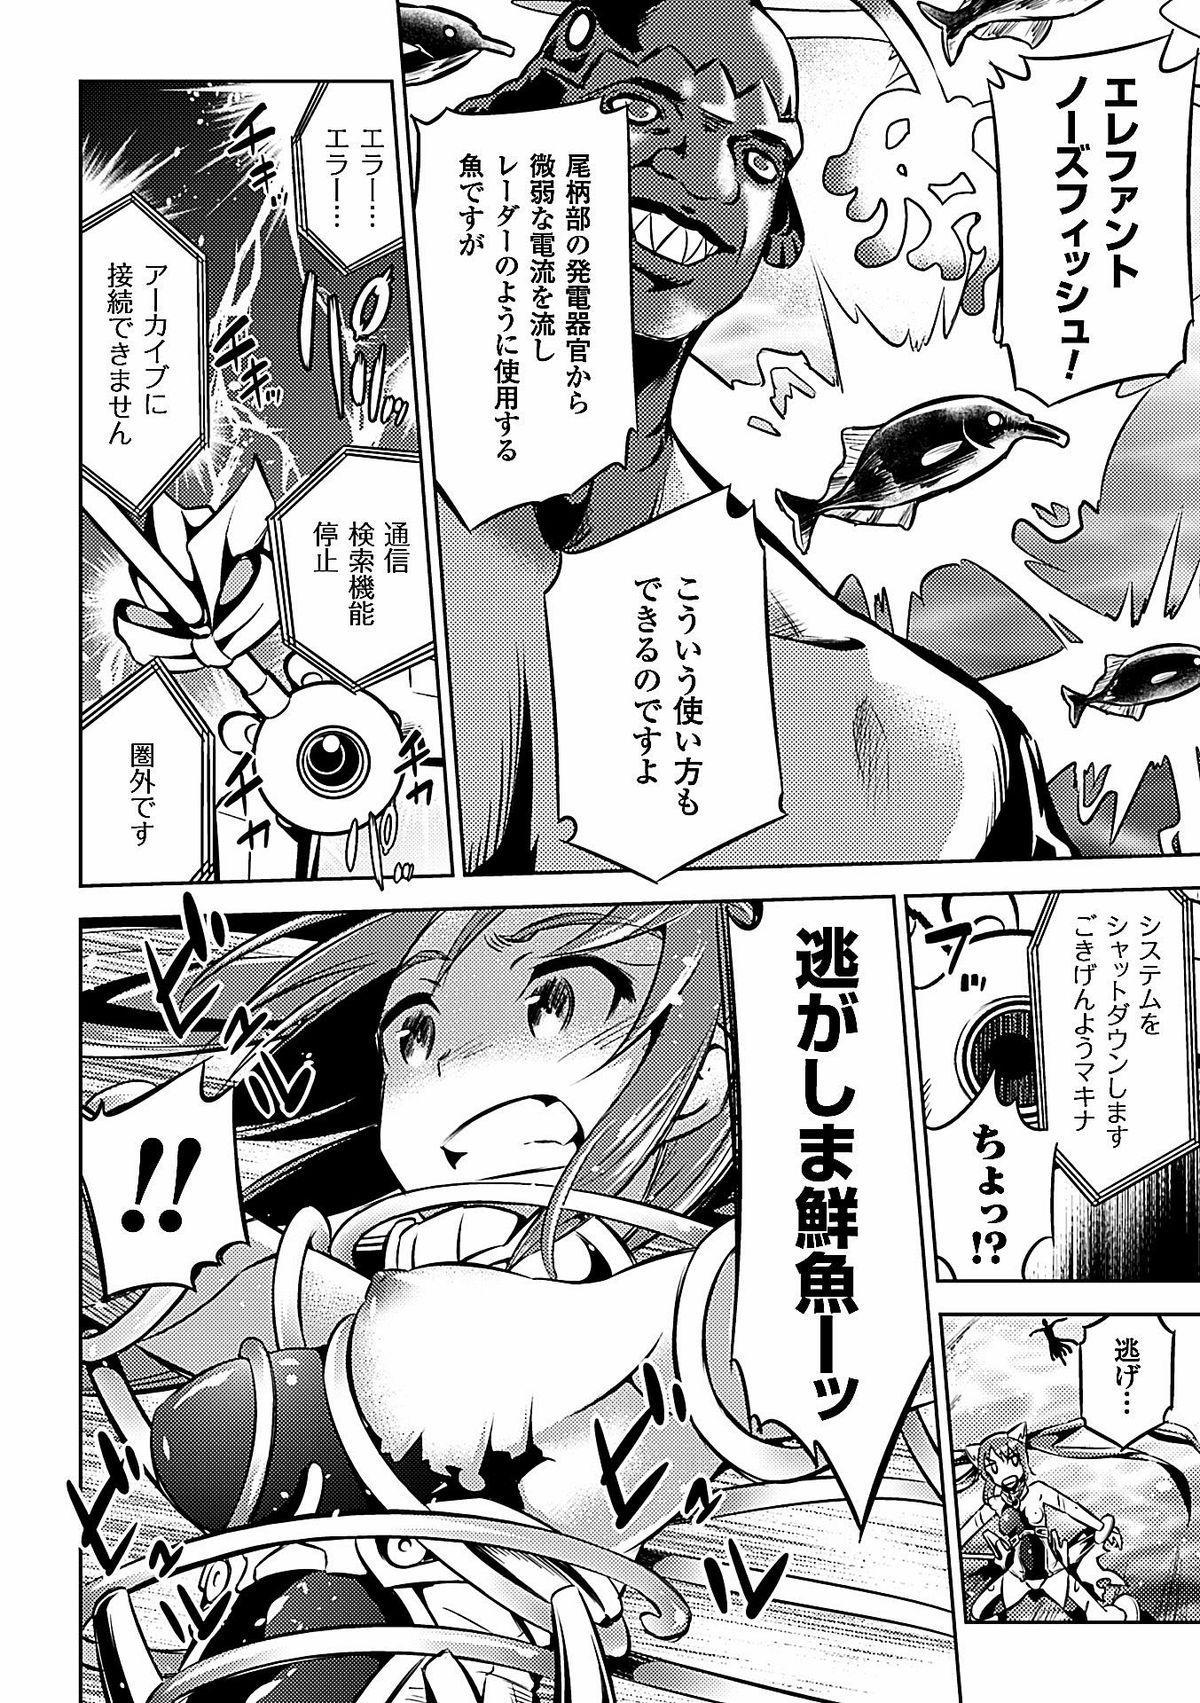 2D Comic Magazine Dengekisemeni Zecchouacmesuru Heroine tachi! Vol.1 33